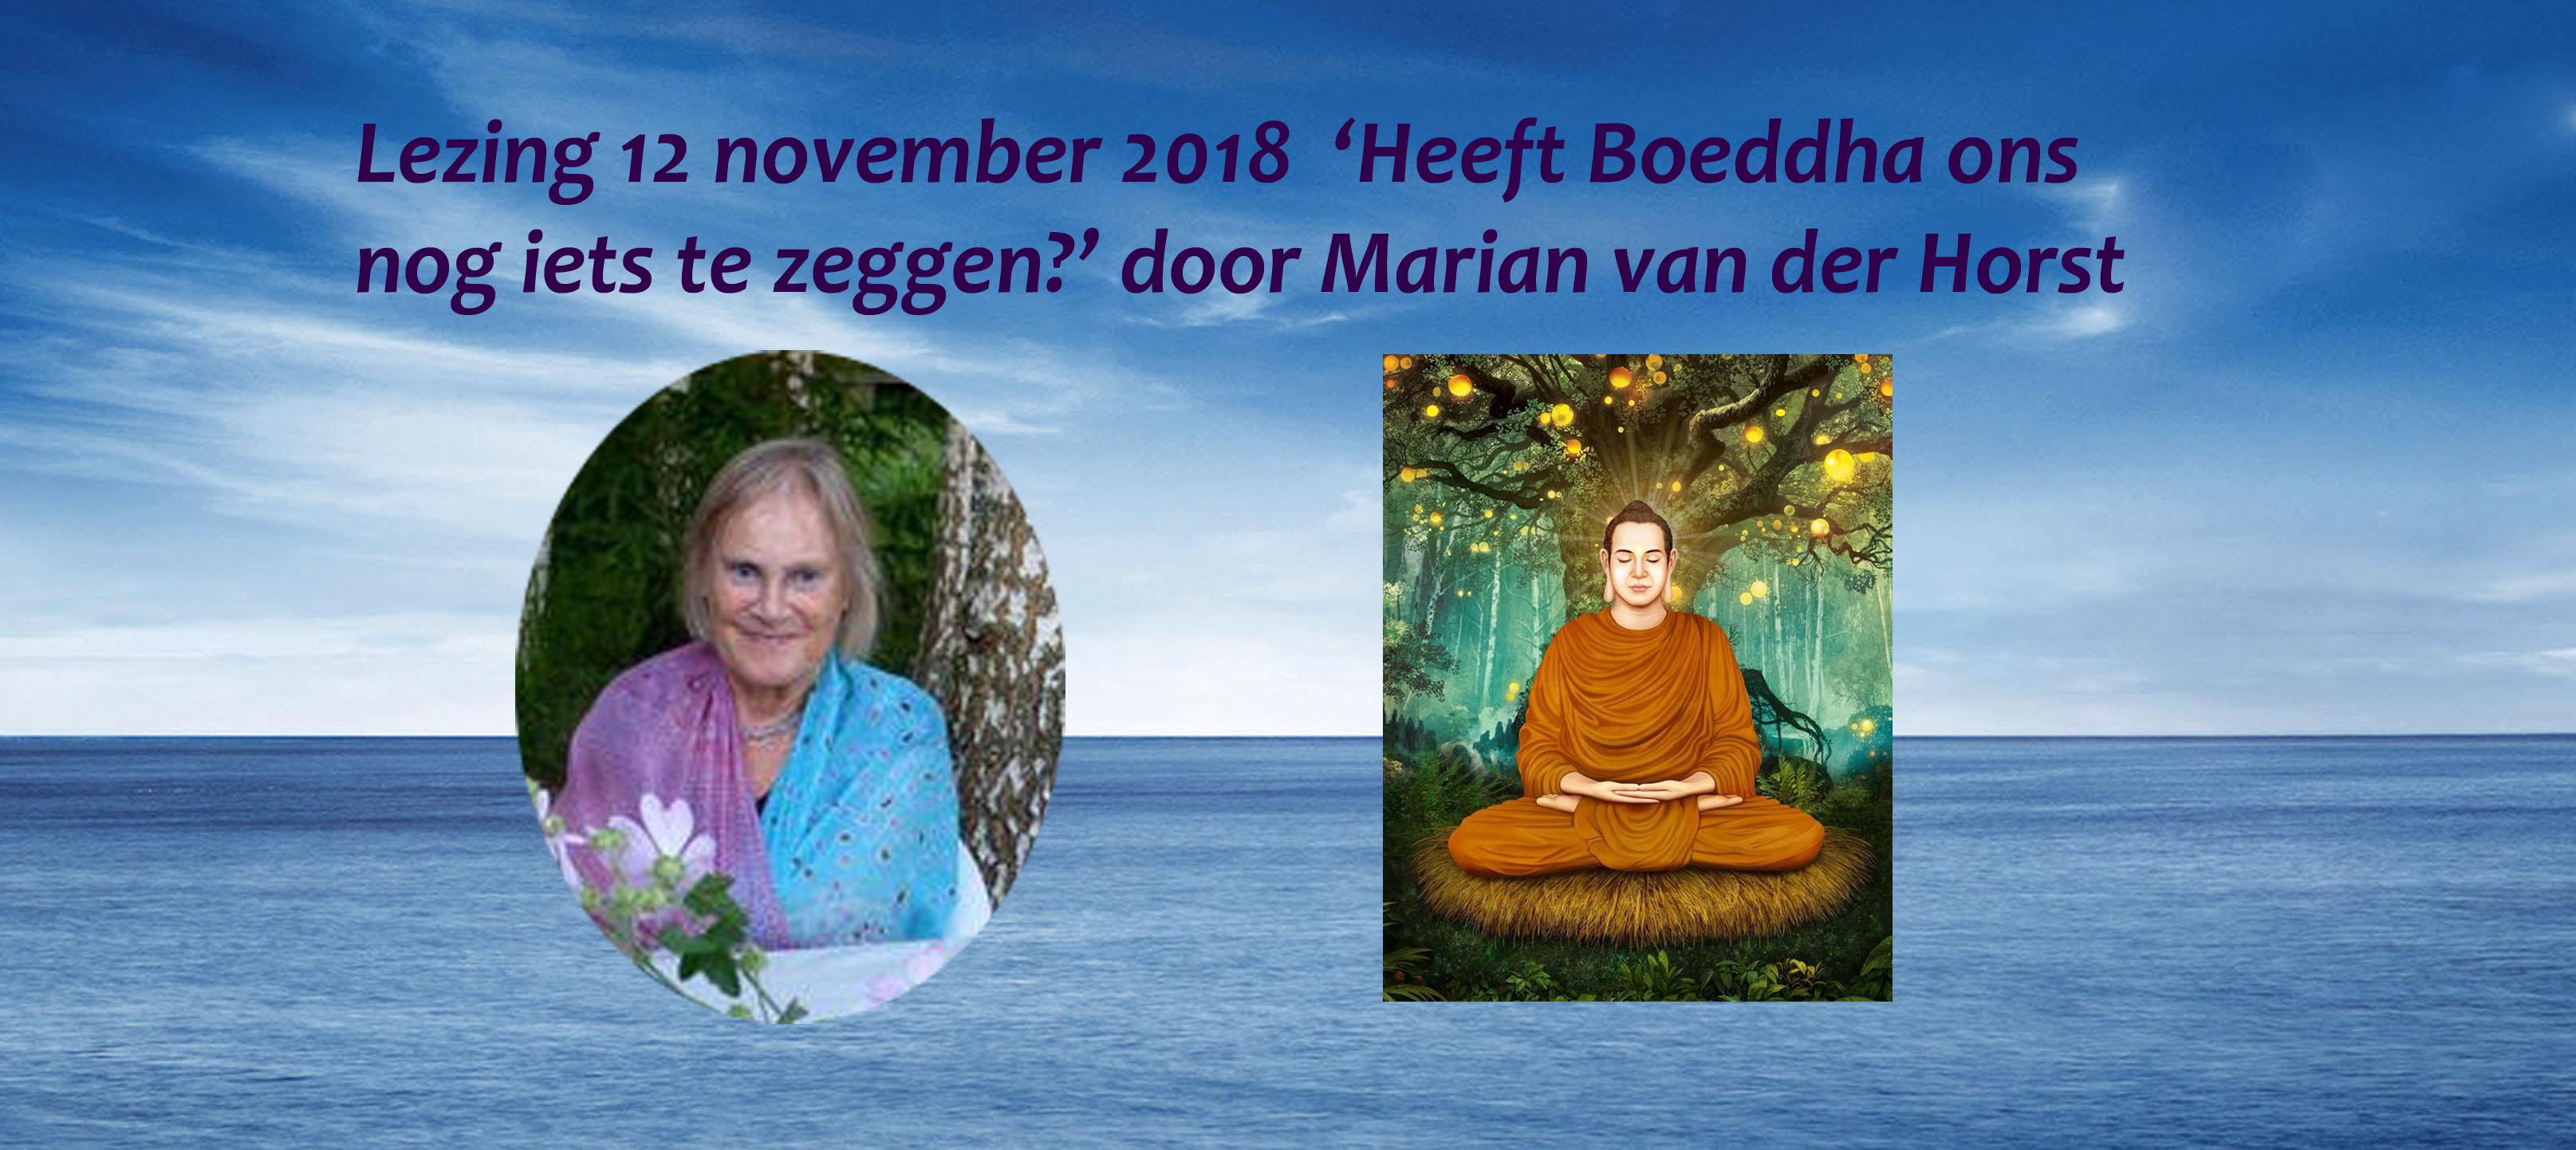 lezing 'Heeft boeddha ons nog ets te vertellen?' door Marian van der Horst